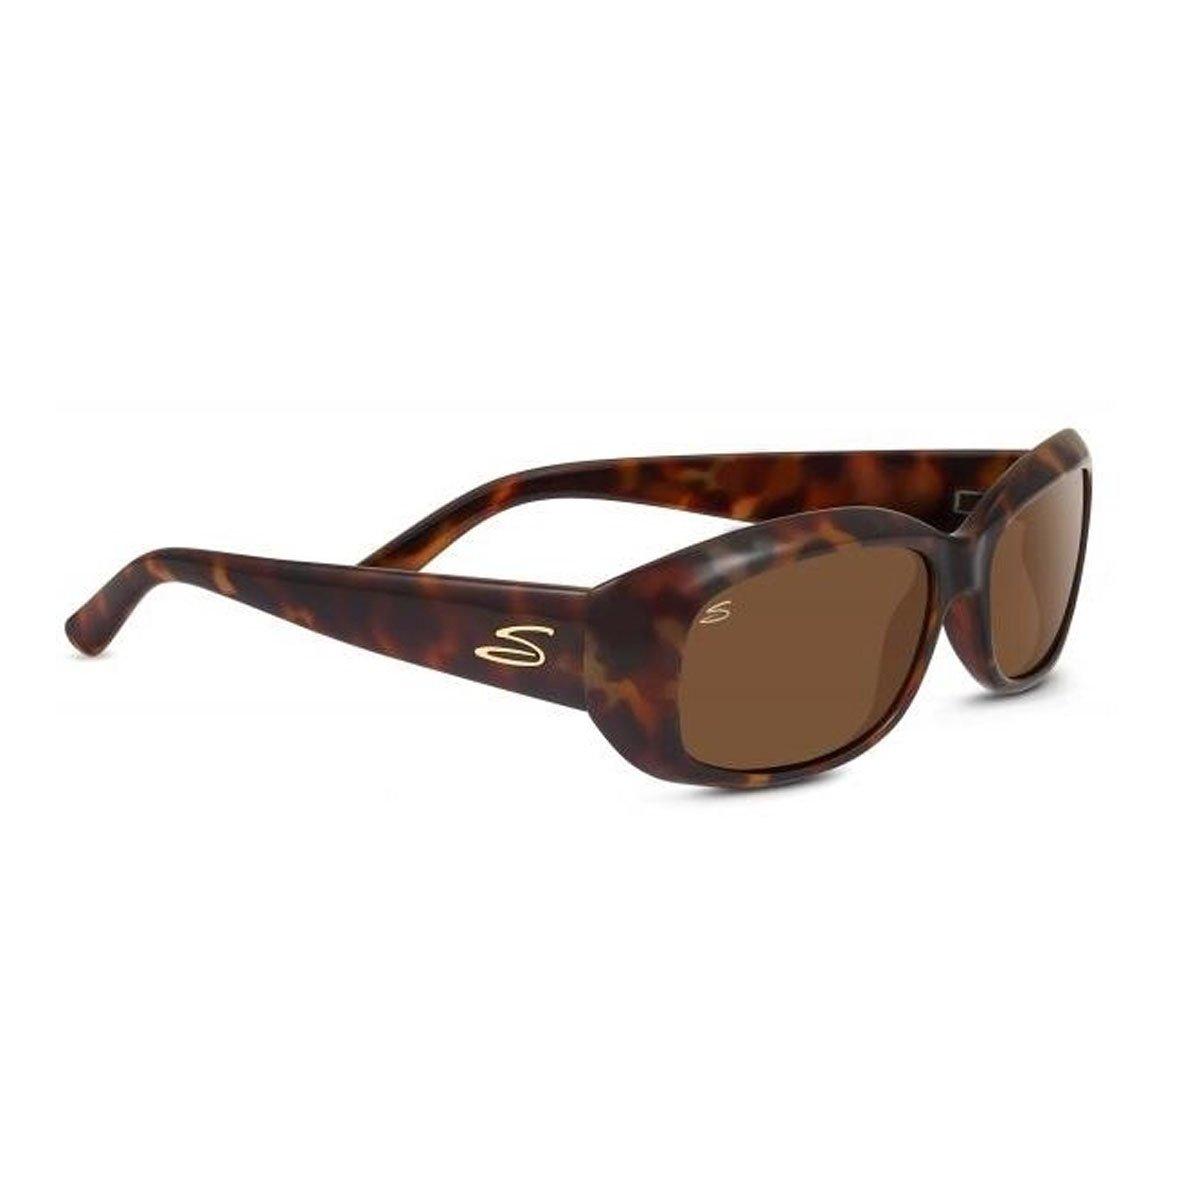 Serengeti Bianca Sonnenbrille Unisex Erwachsene, Braun